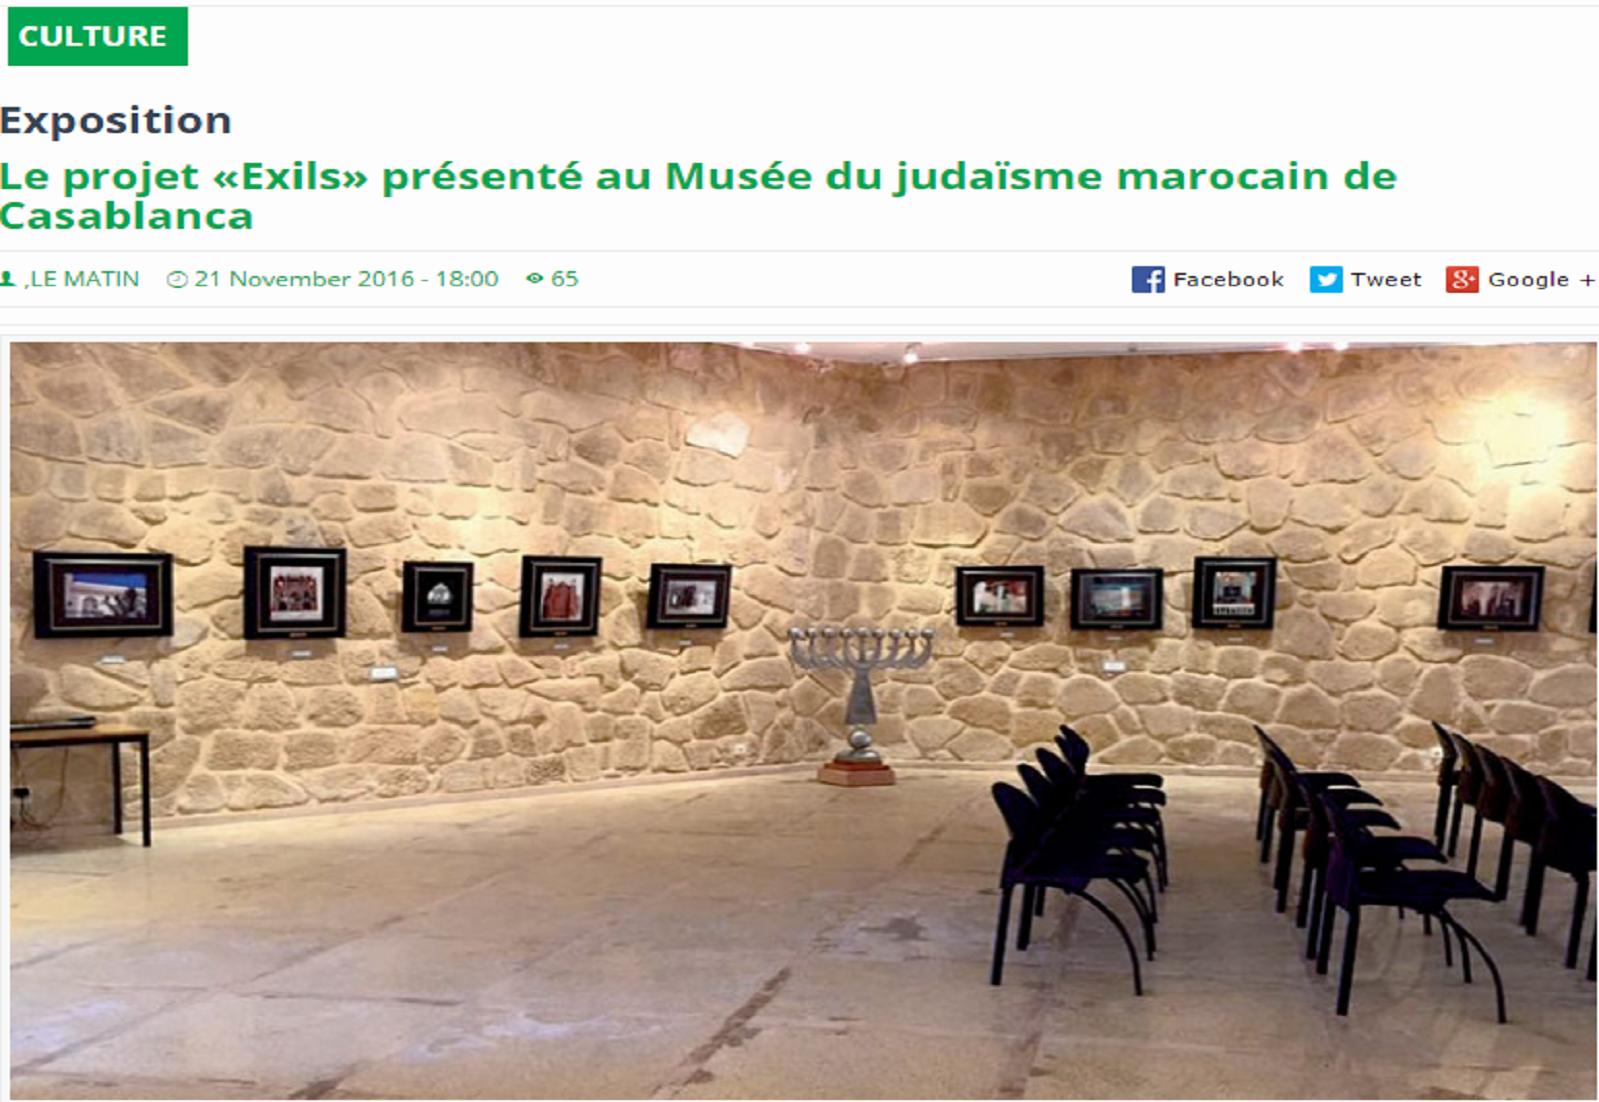 Le projet «Exils» présenté au Musée du Judaïsme Marocain de Casablanca